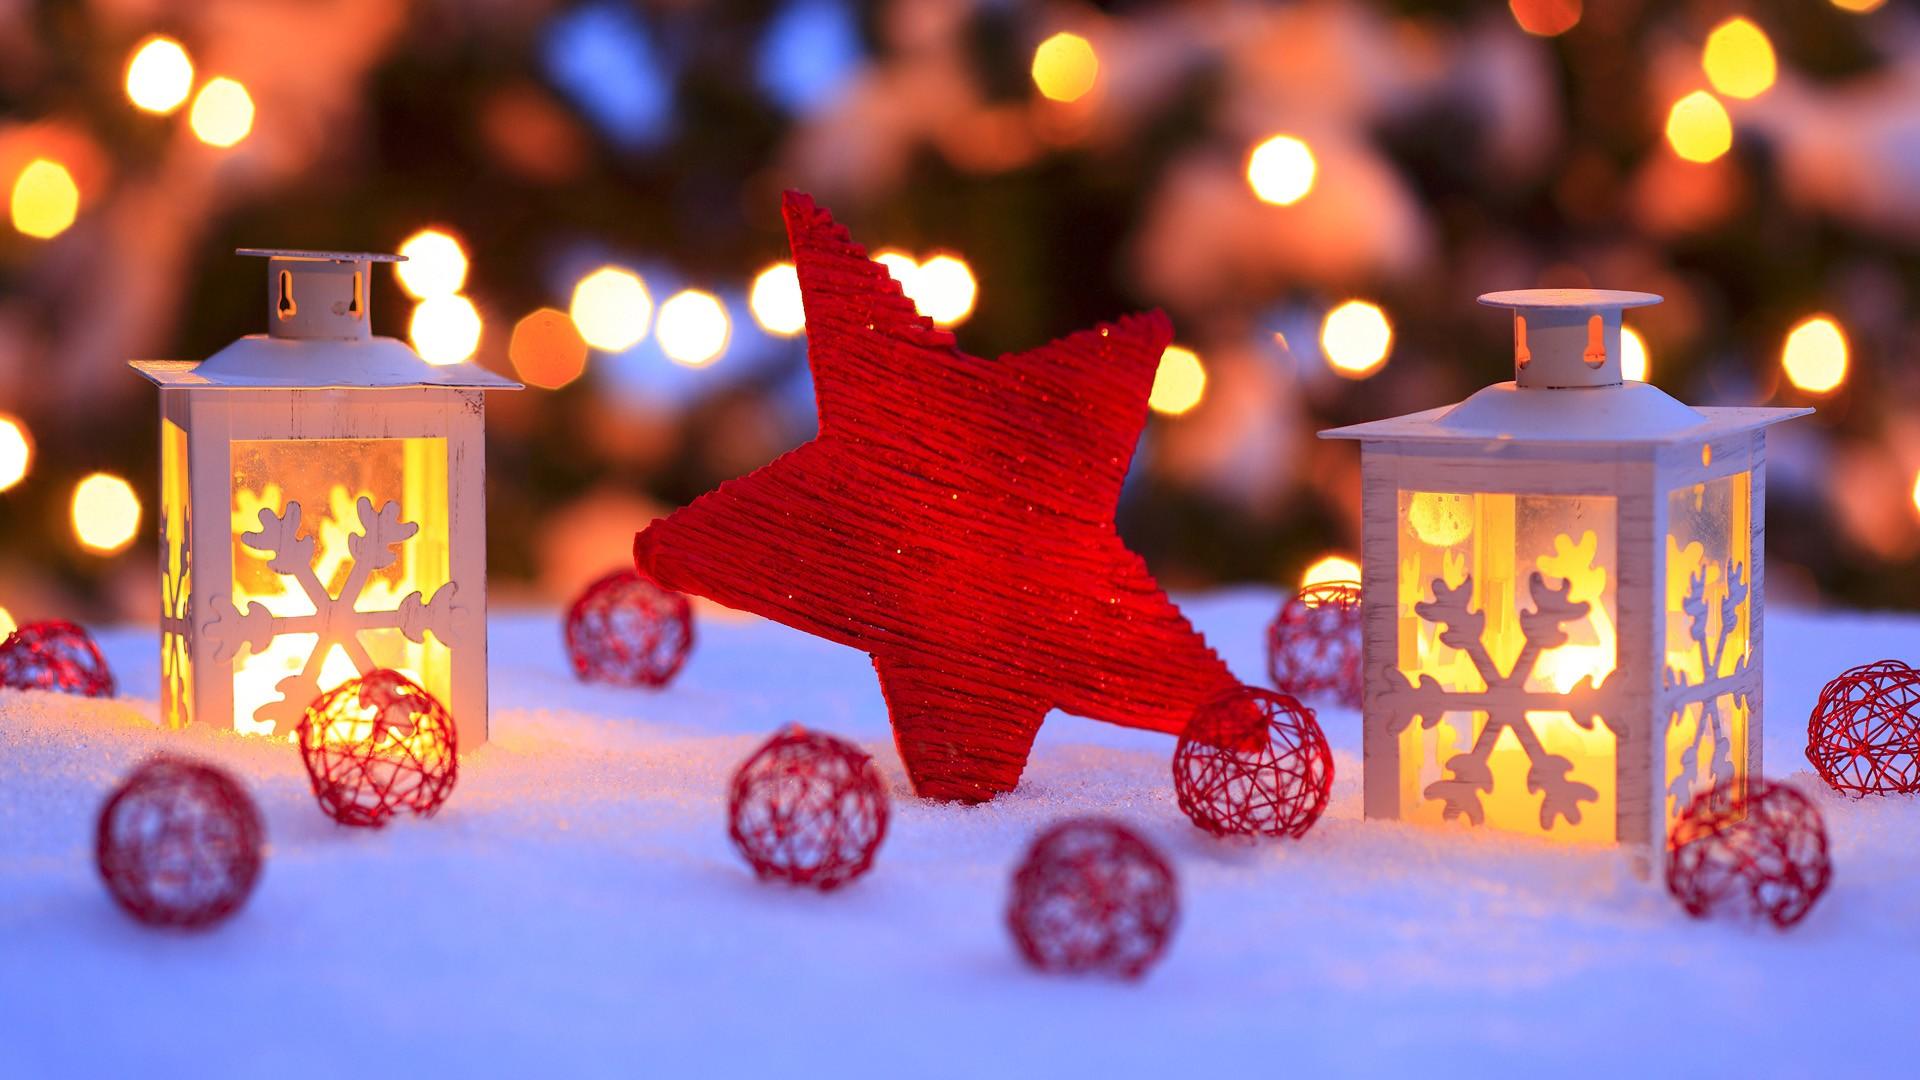 Star Christmas